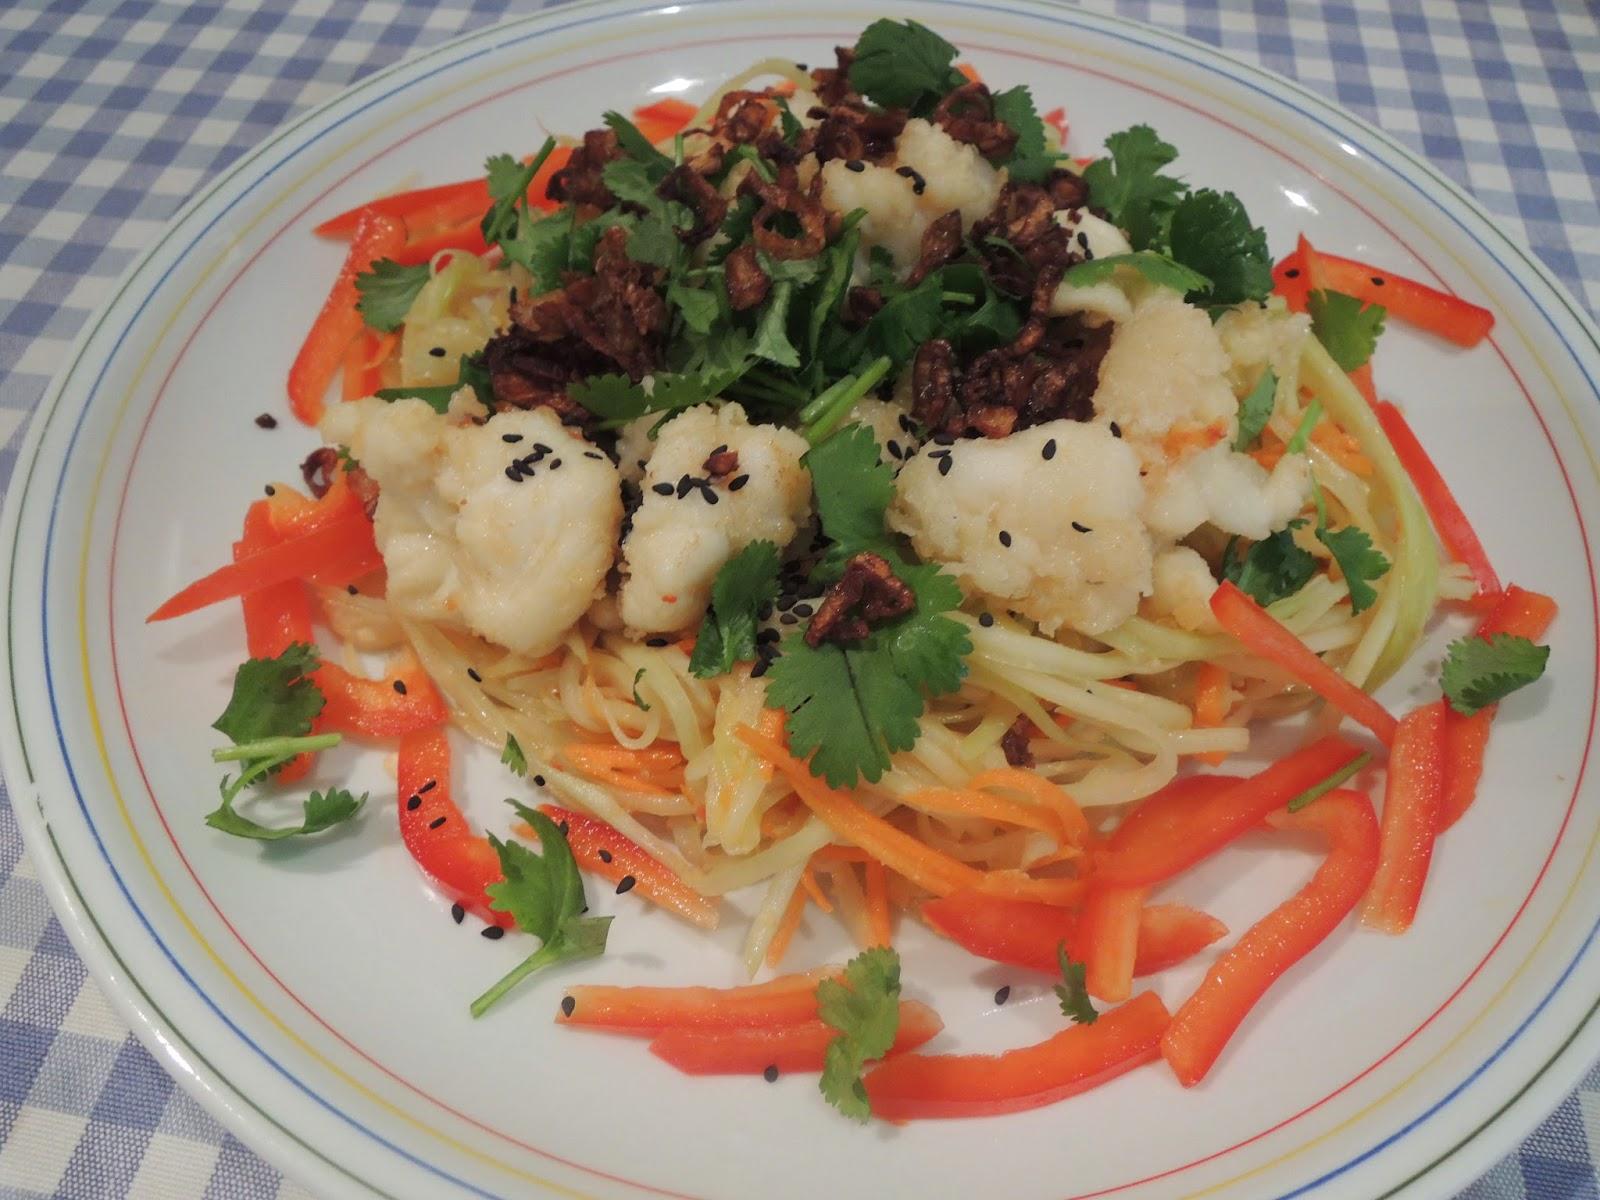 Le canard du m kong menu asiatique de f te les entr es for Entree repas de fete